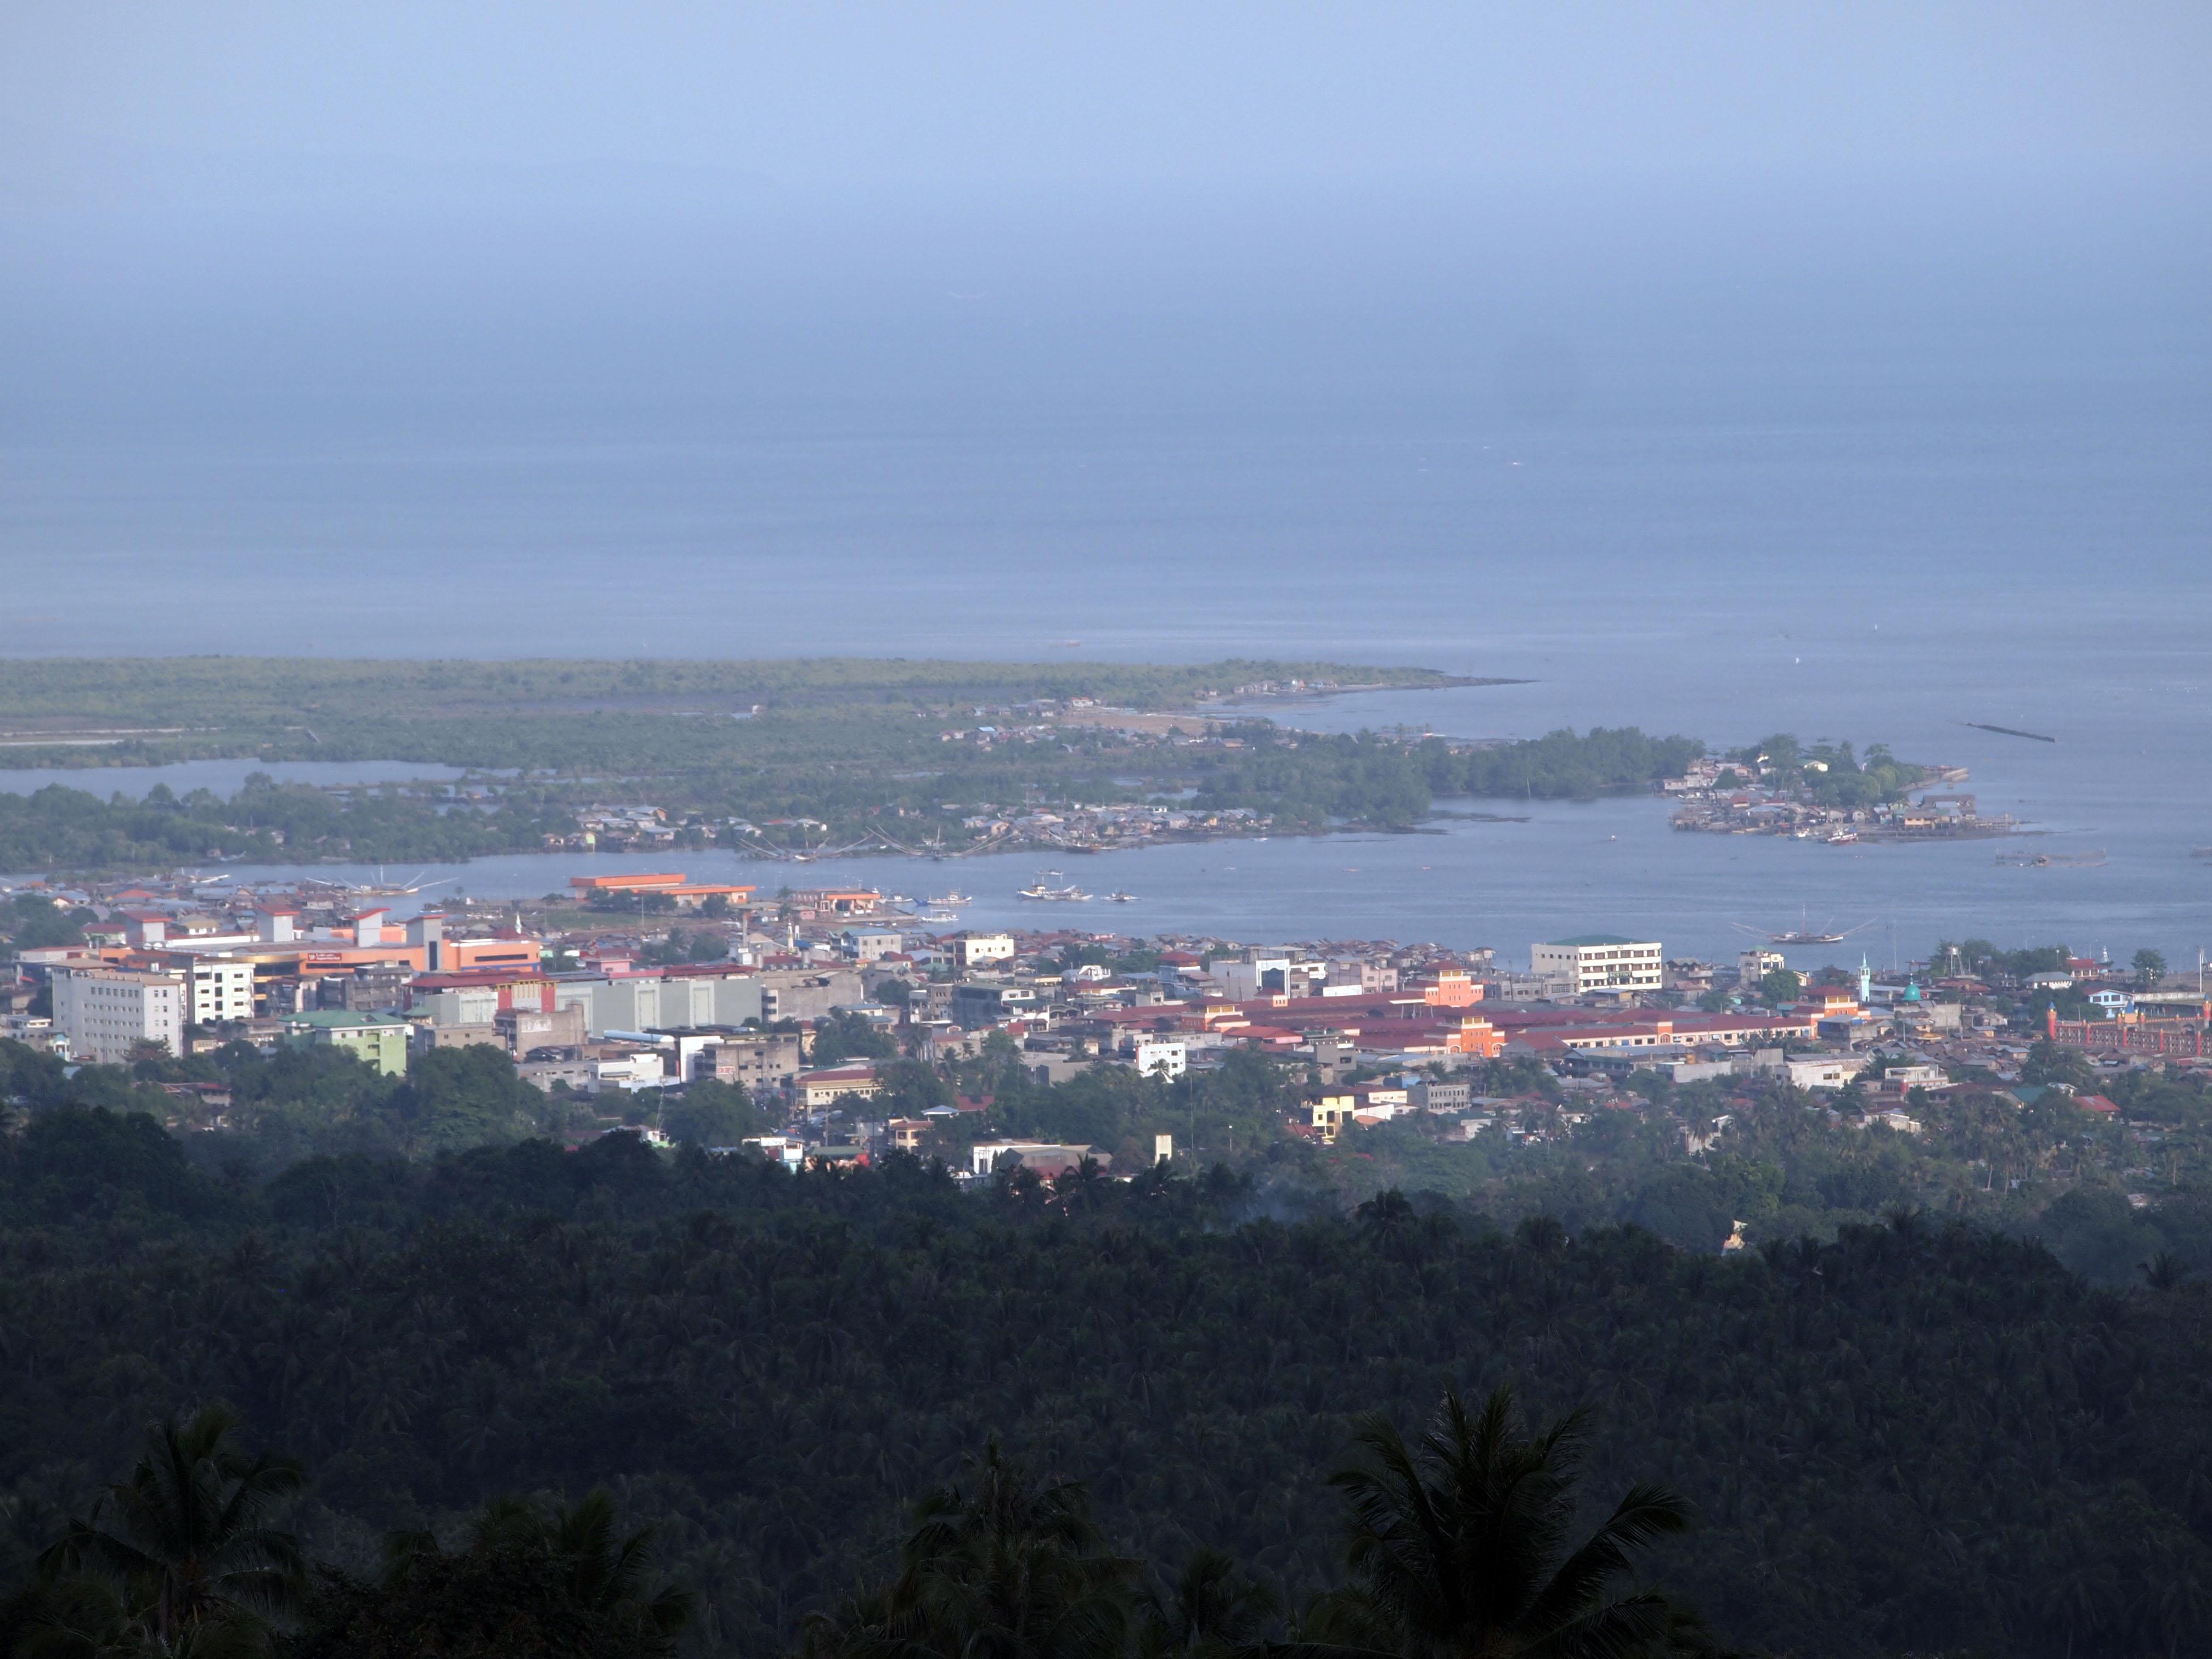 Zamboanga Peninsula - Wikipedia